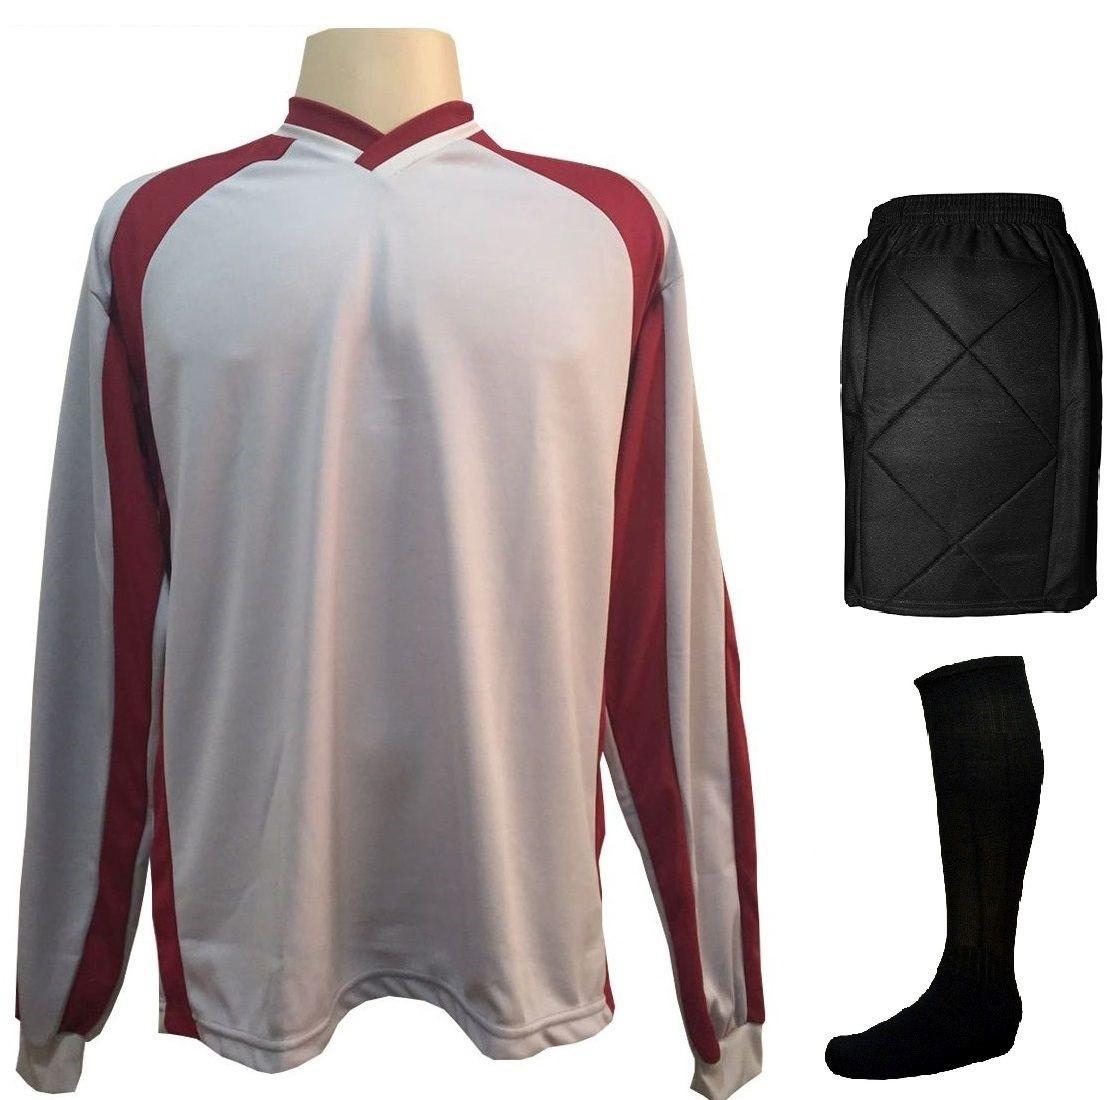 Fardamento Completo modelo City 12+1 (12 Camisas Royal/Branco + 12 Calções Madrid Royal + 12 Pares de Meiões Royal + 1 Conjunto de Goleiro) + Brindes